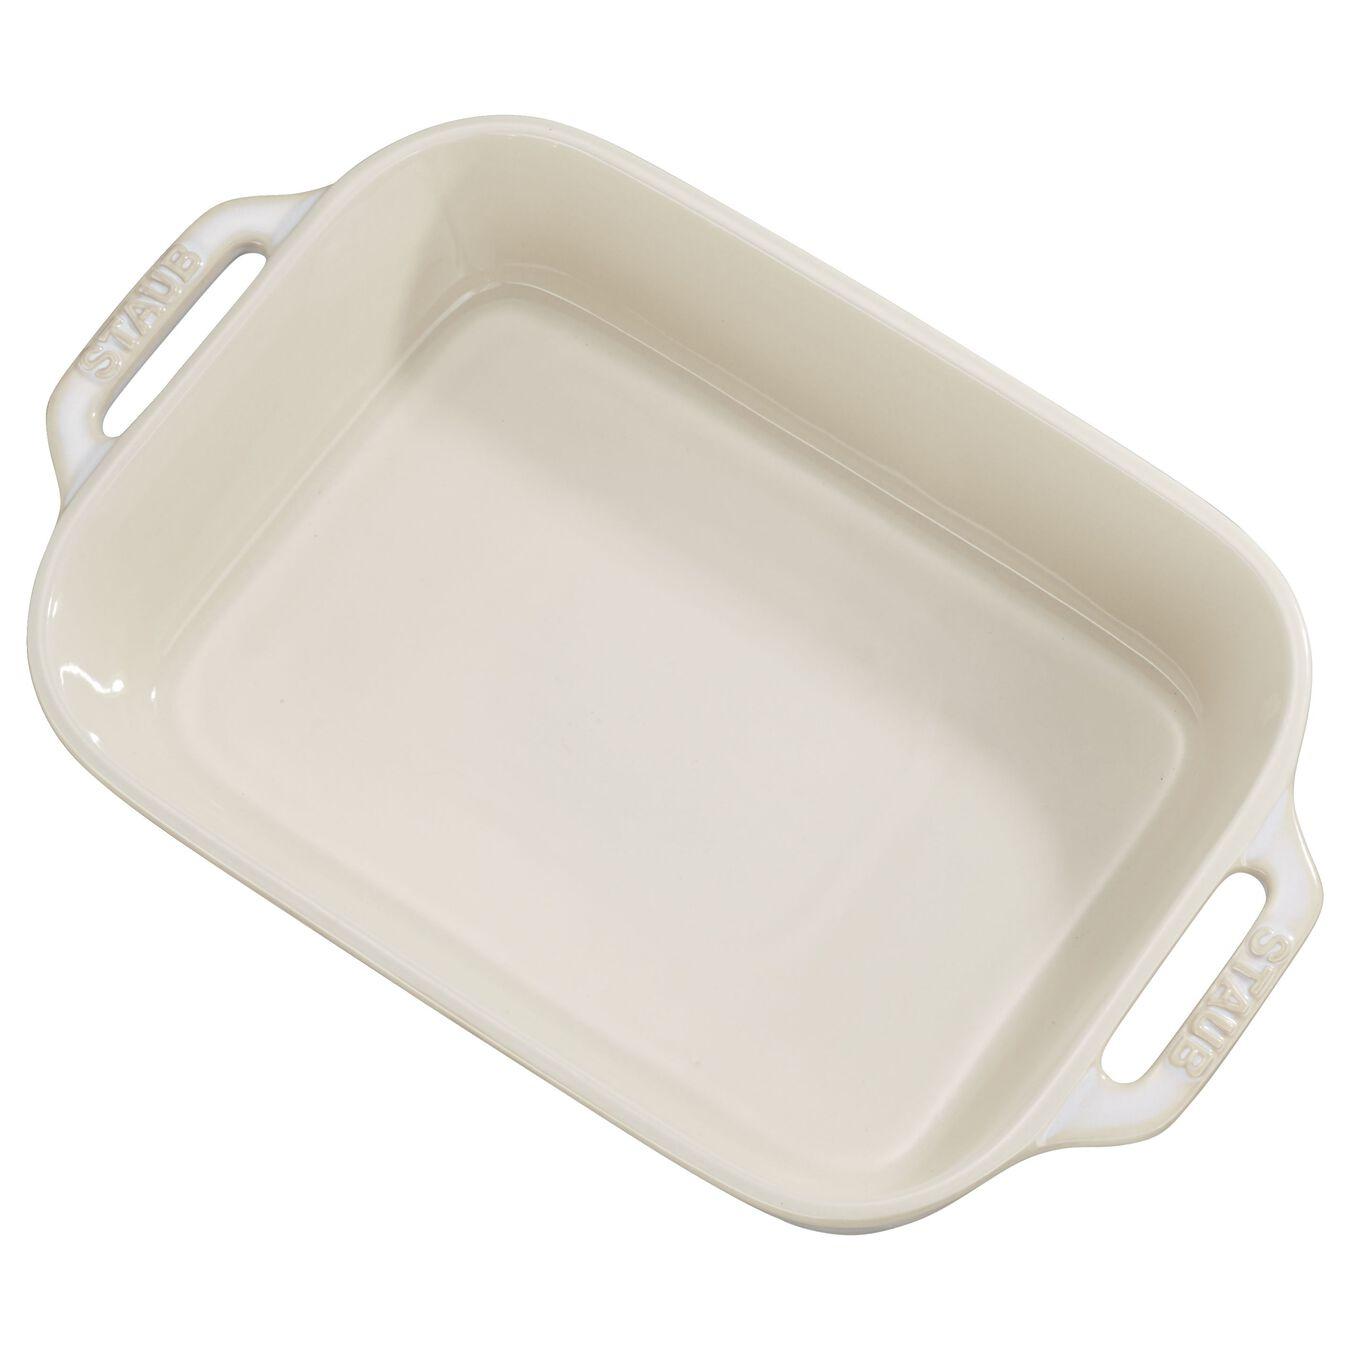 2-pcs square Ensemble plats de cuisson pour le four, Ivory-White,,large 3